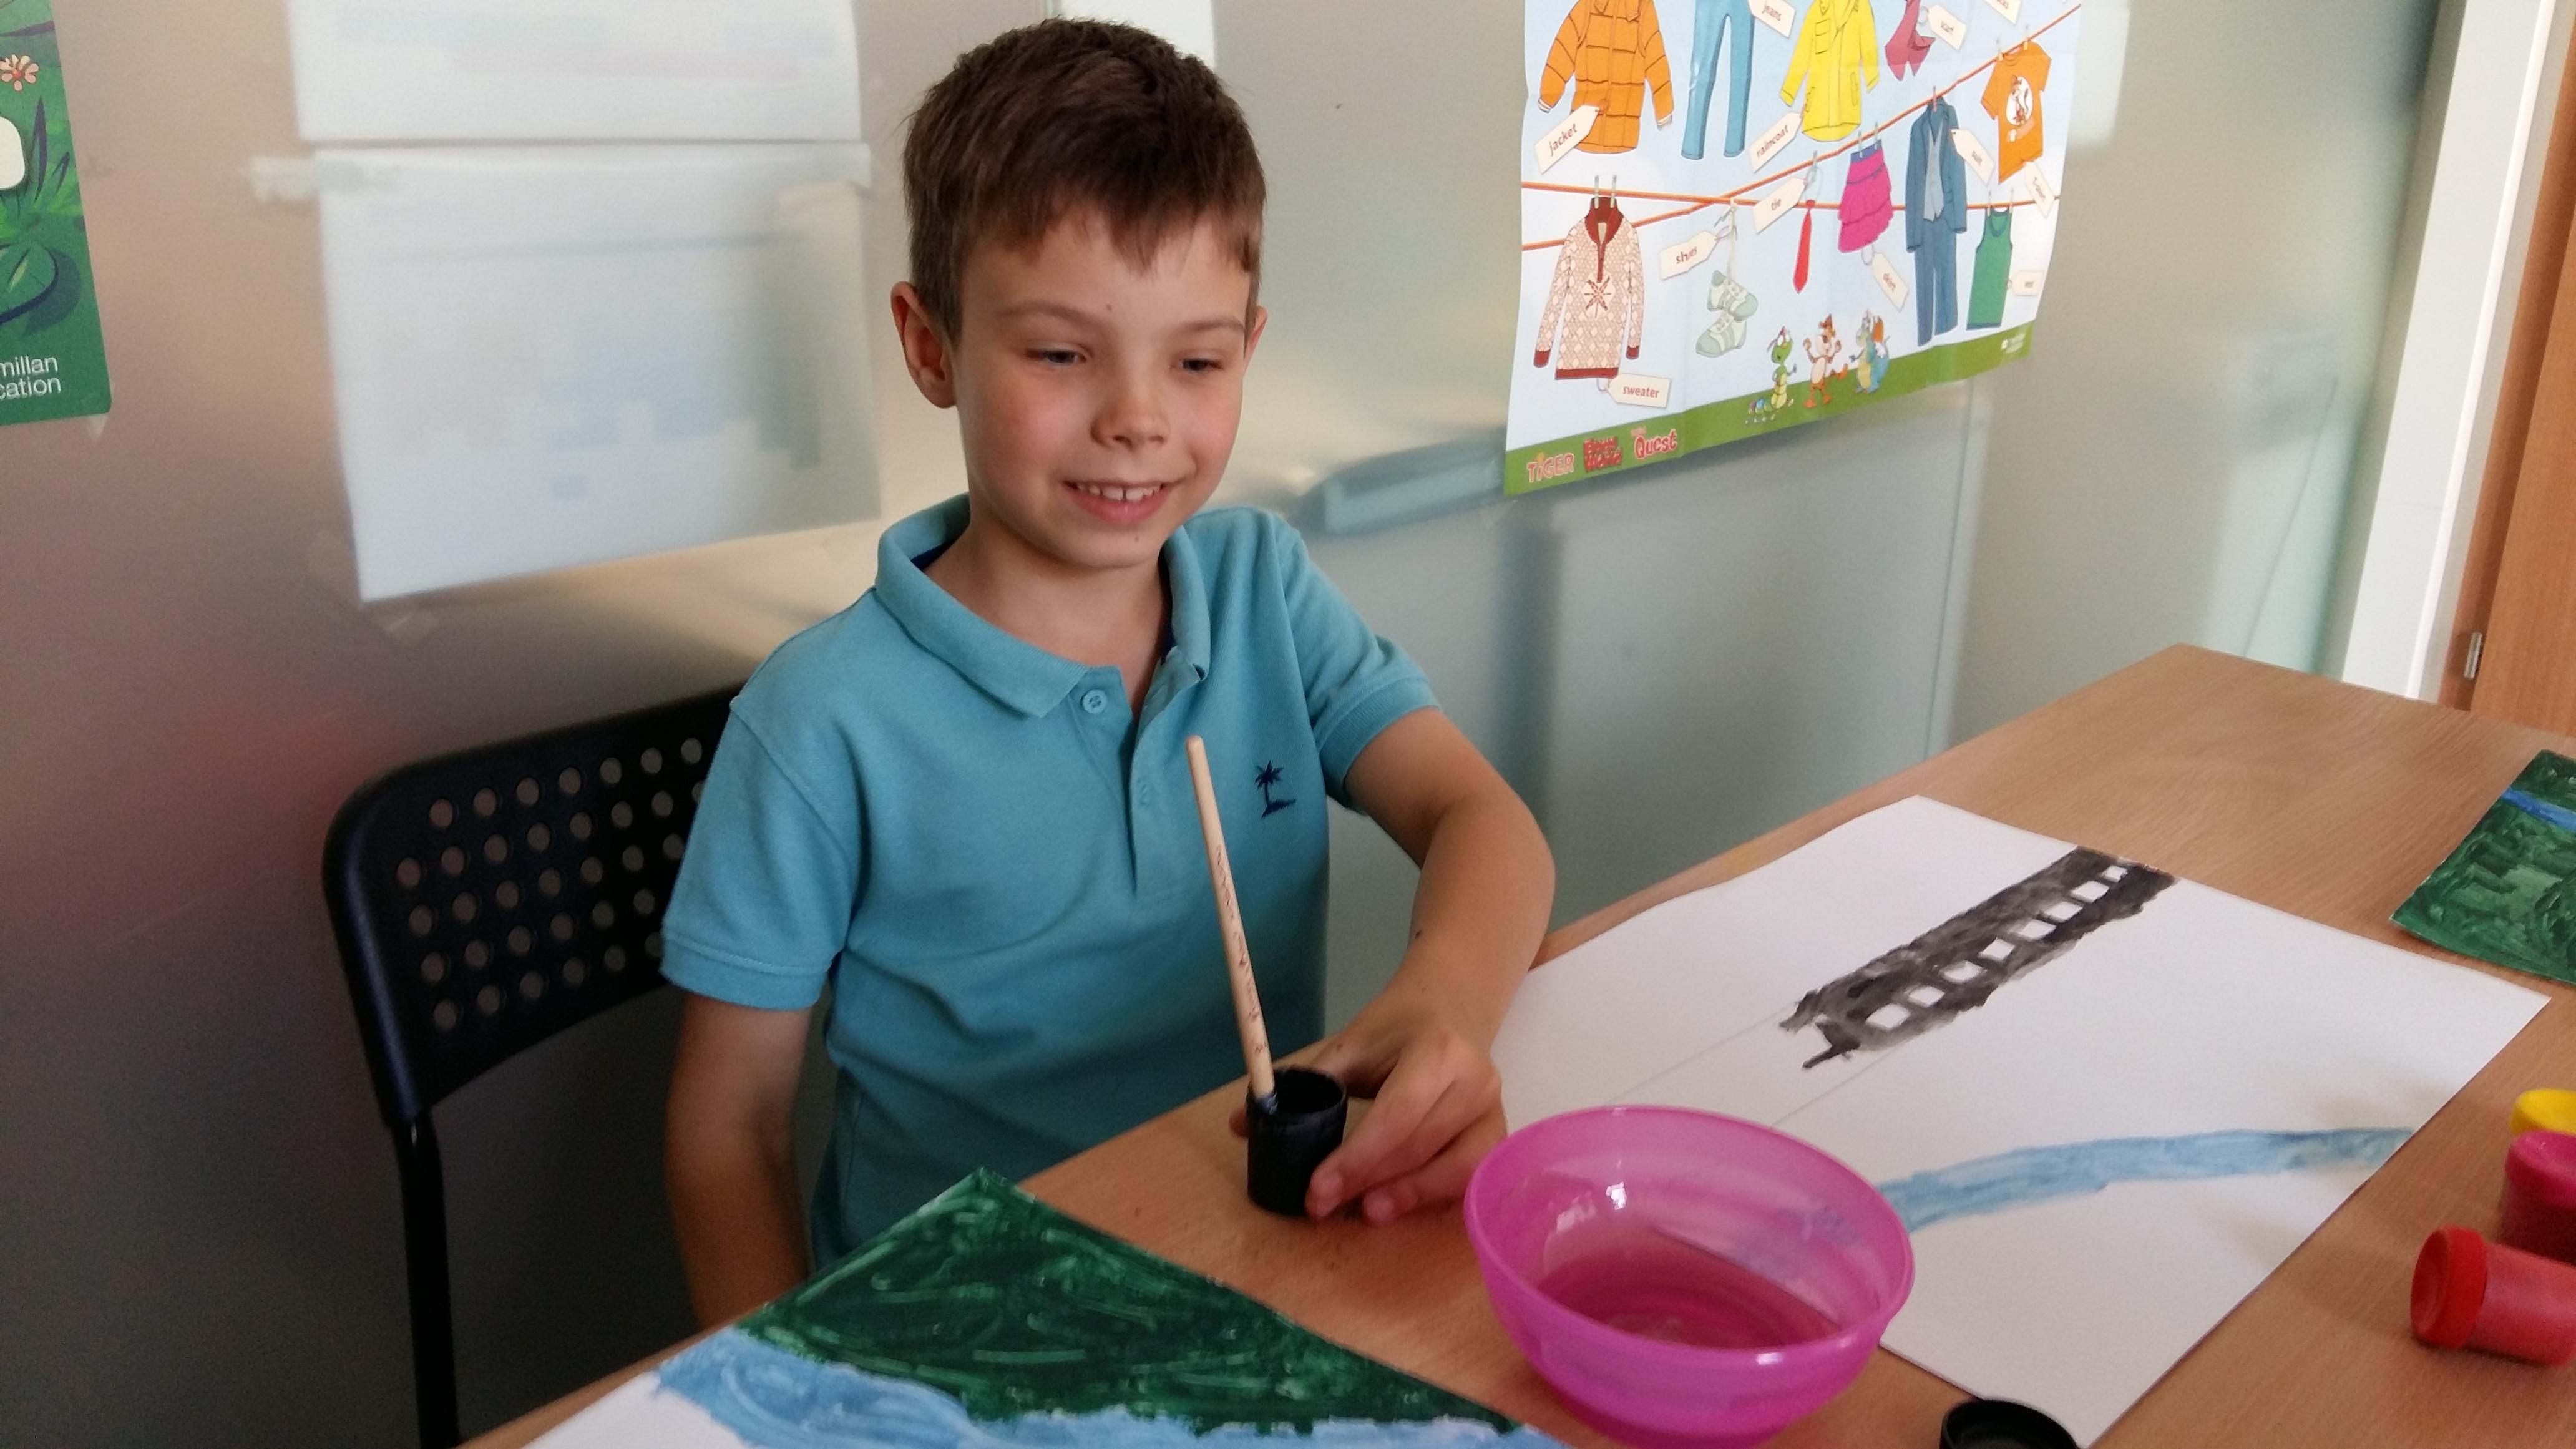 angielski dla dzieci archibald kids warszawa